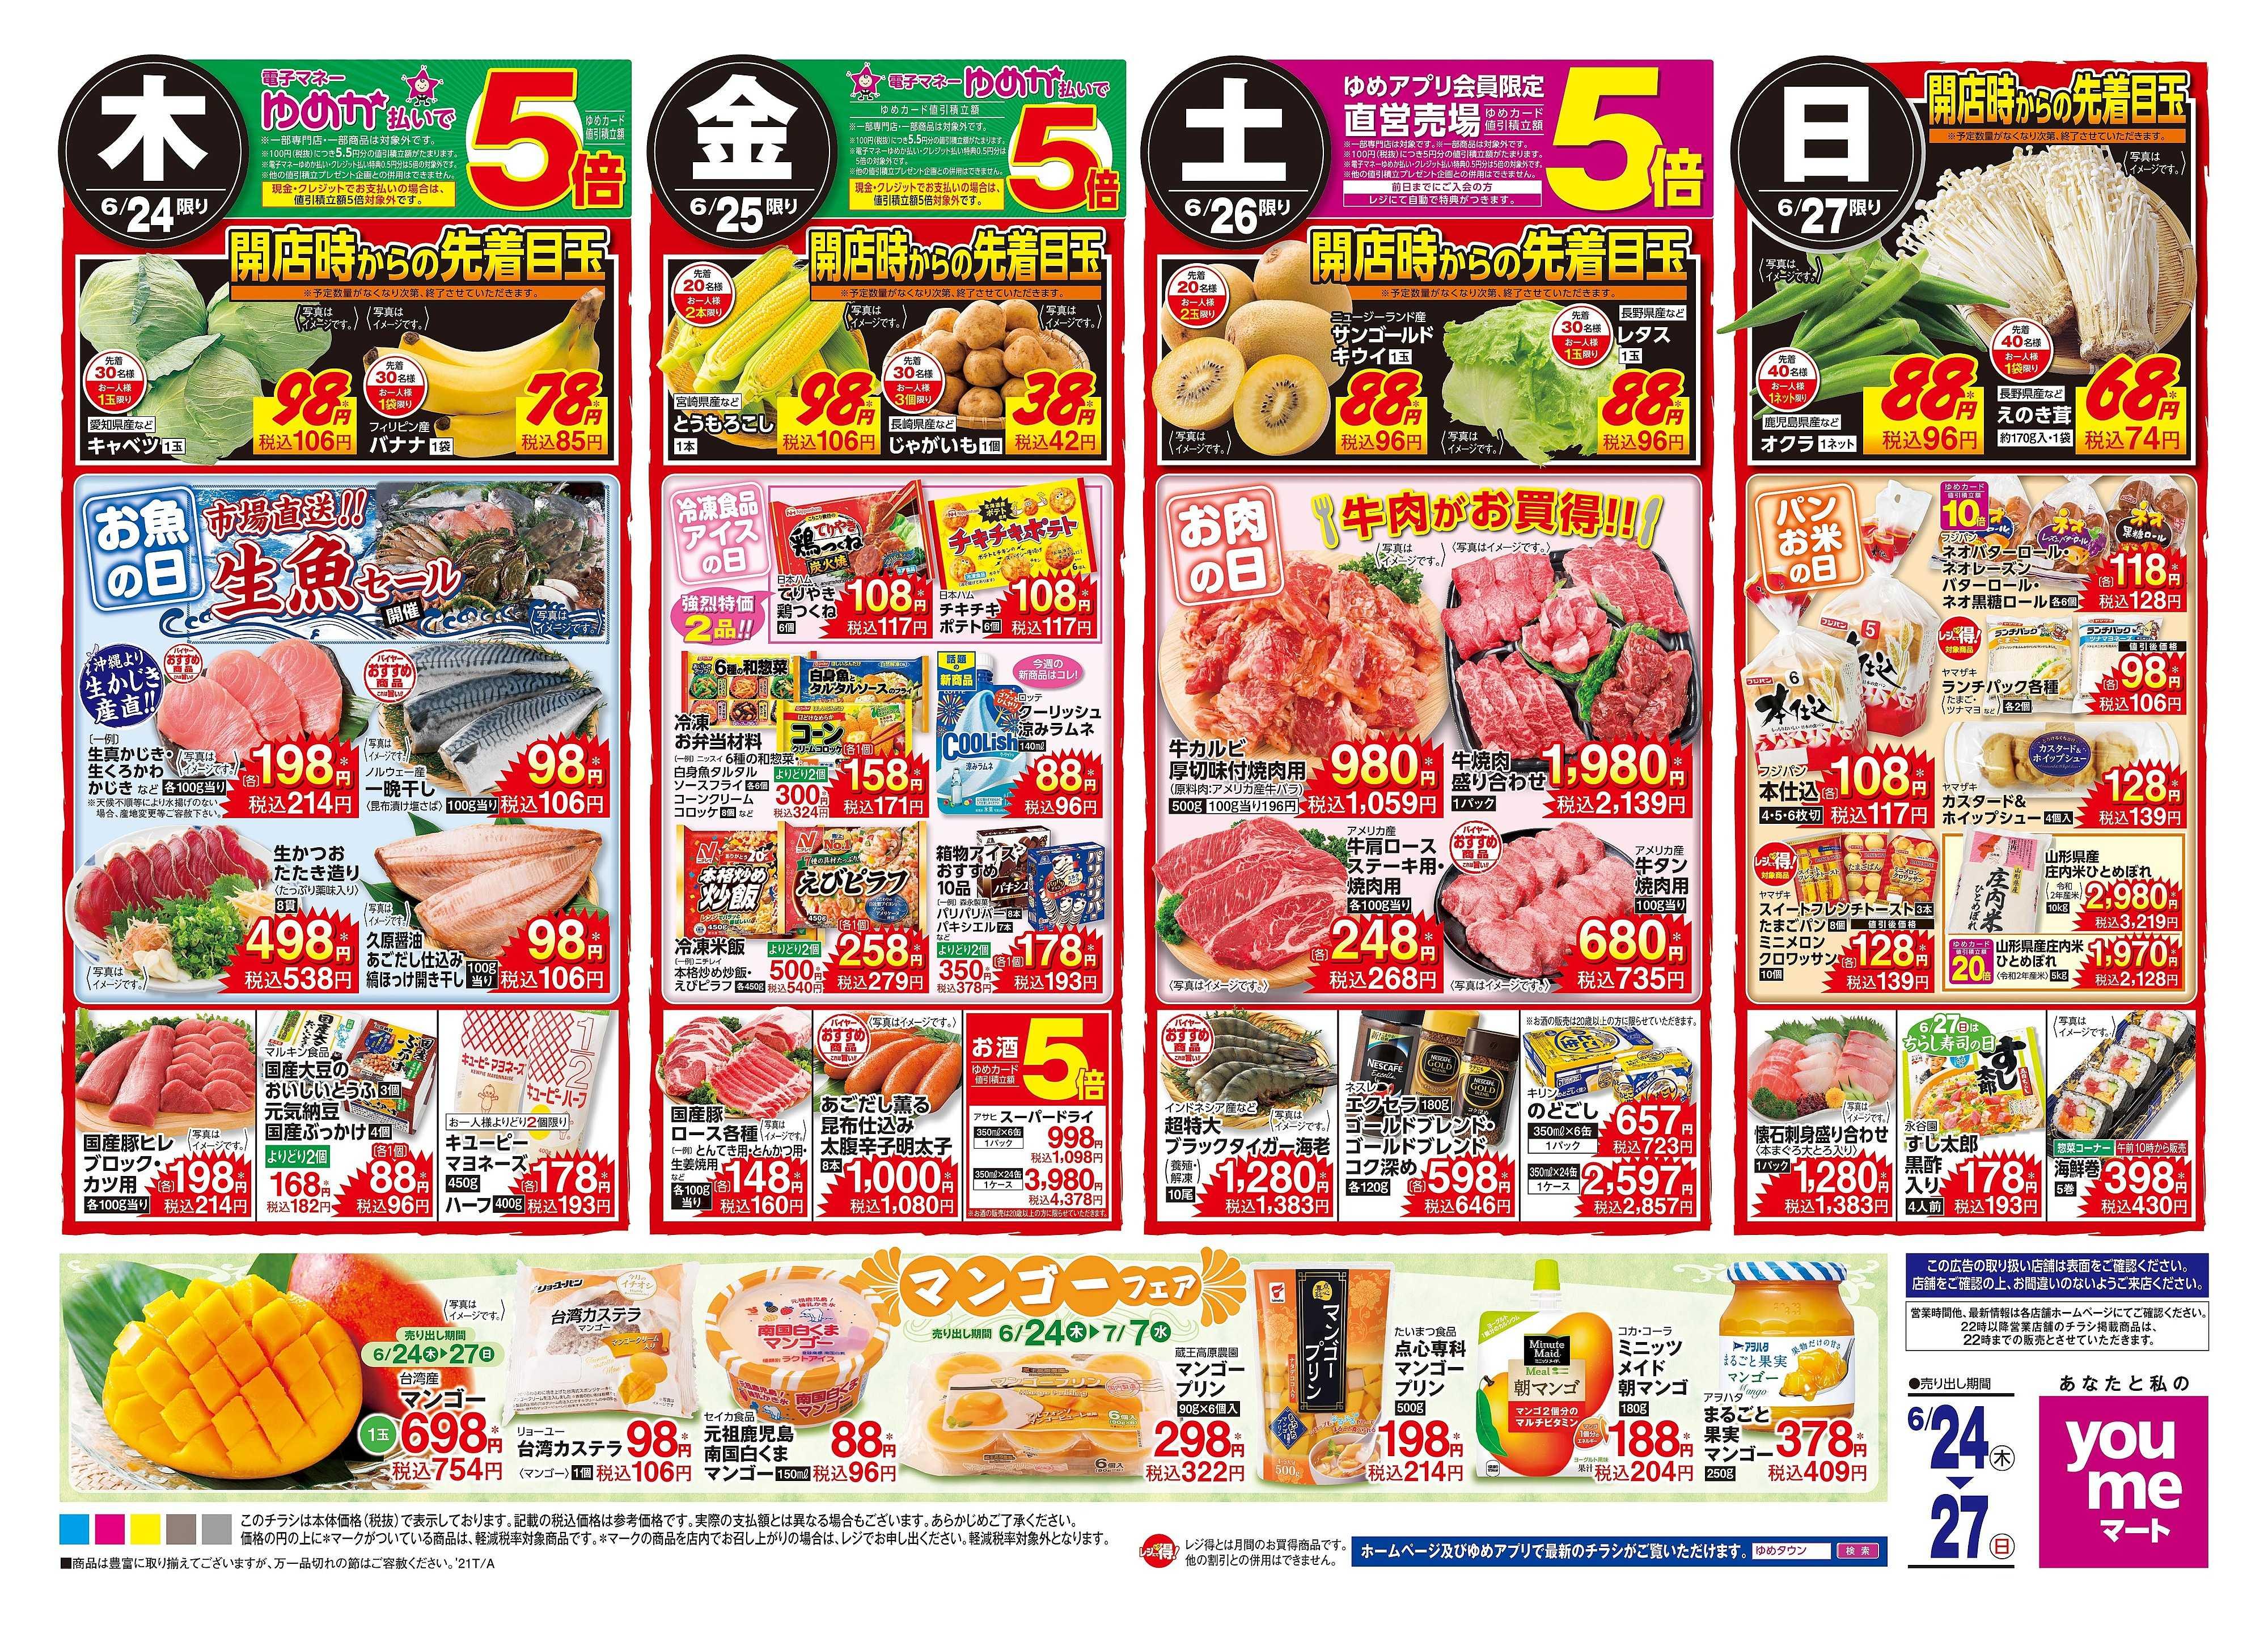 ゆめマート 6/24(木)-6/27(日)